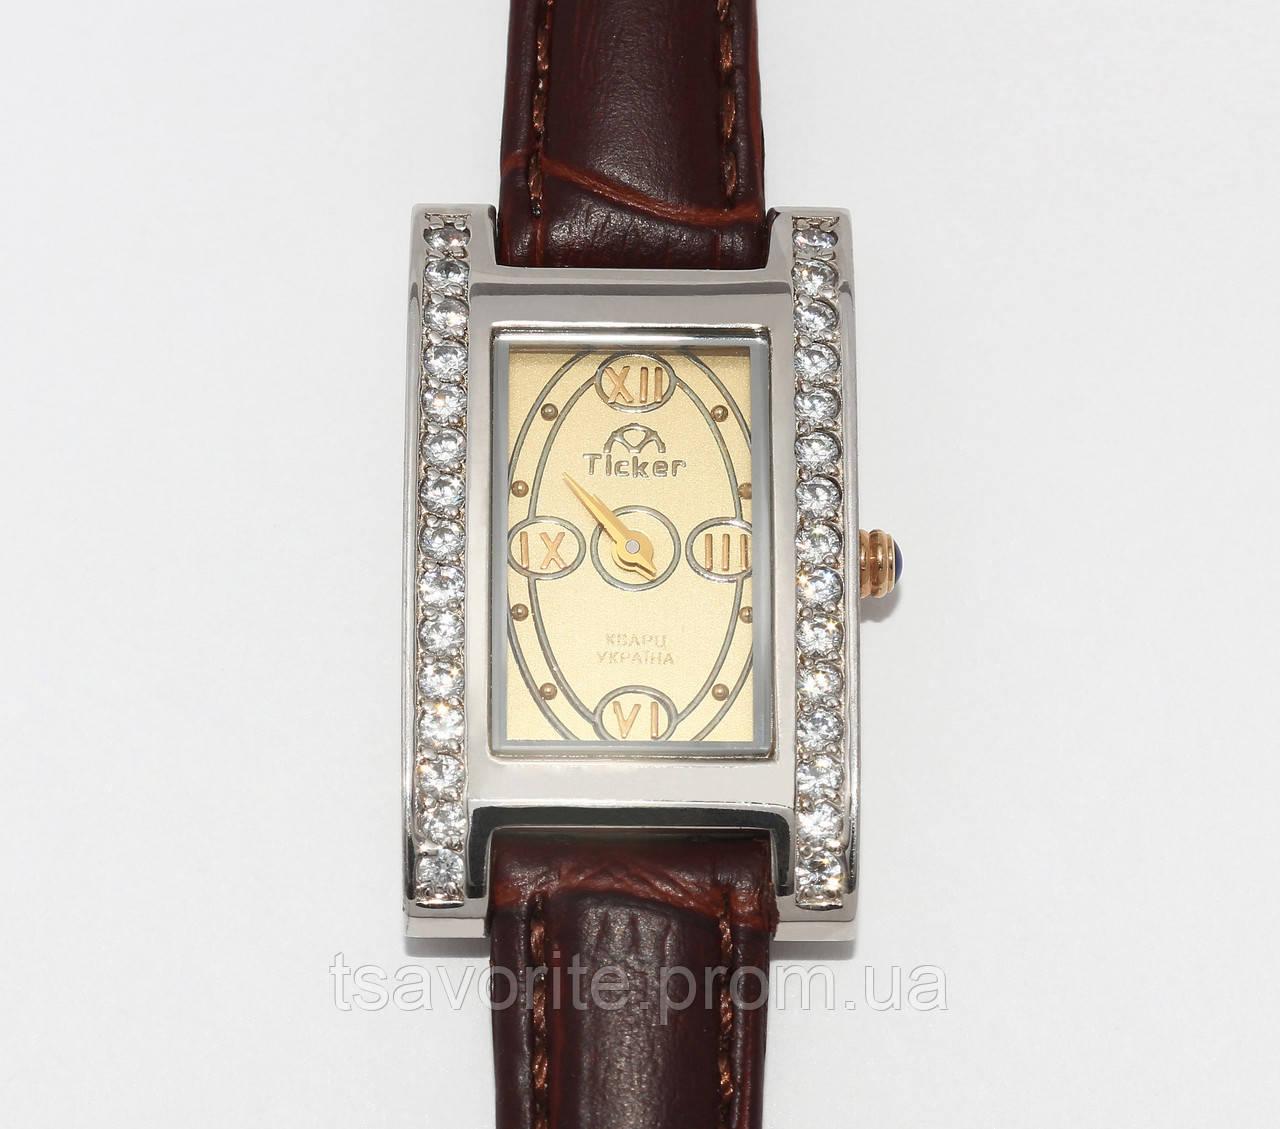 Купить серебряные часы в интернет магазине сколько стоят часы наручные для девочек